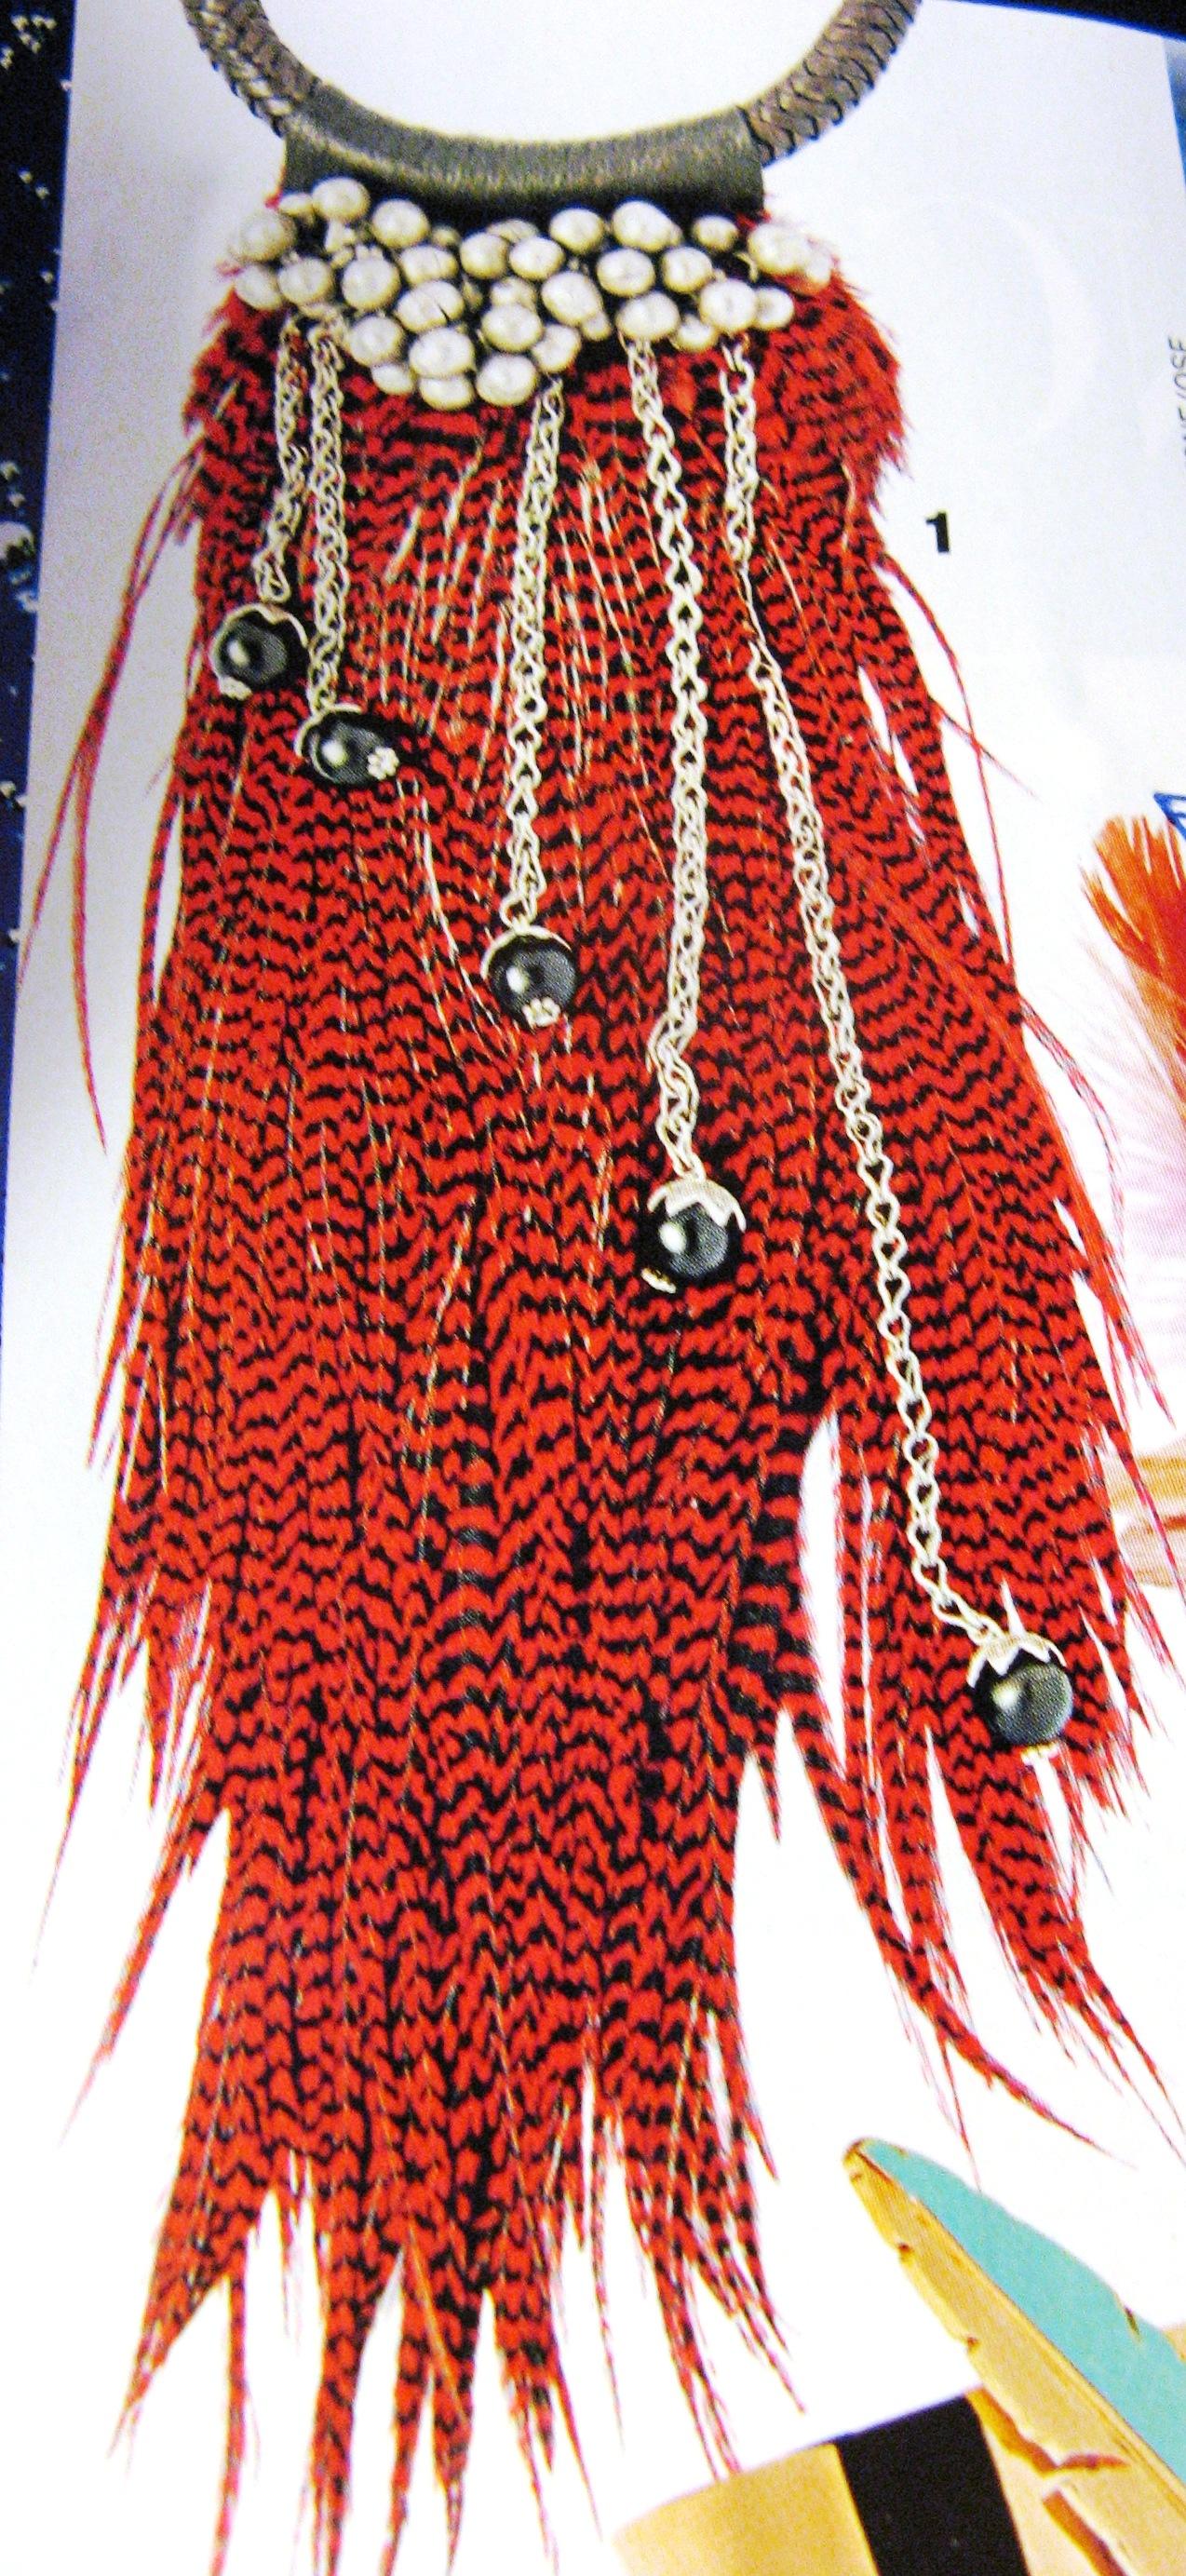 COLLIERS d'AILLEURS- Annie Mesplet- été 2008- lien cuir Touareg, plumes